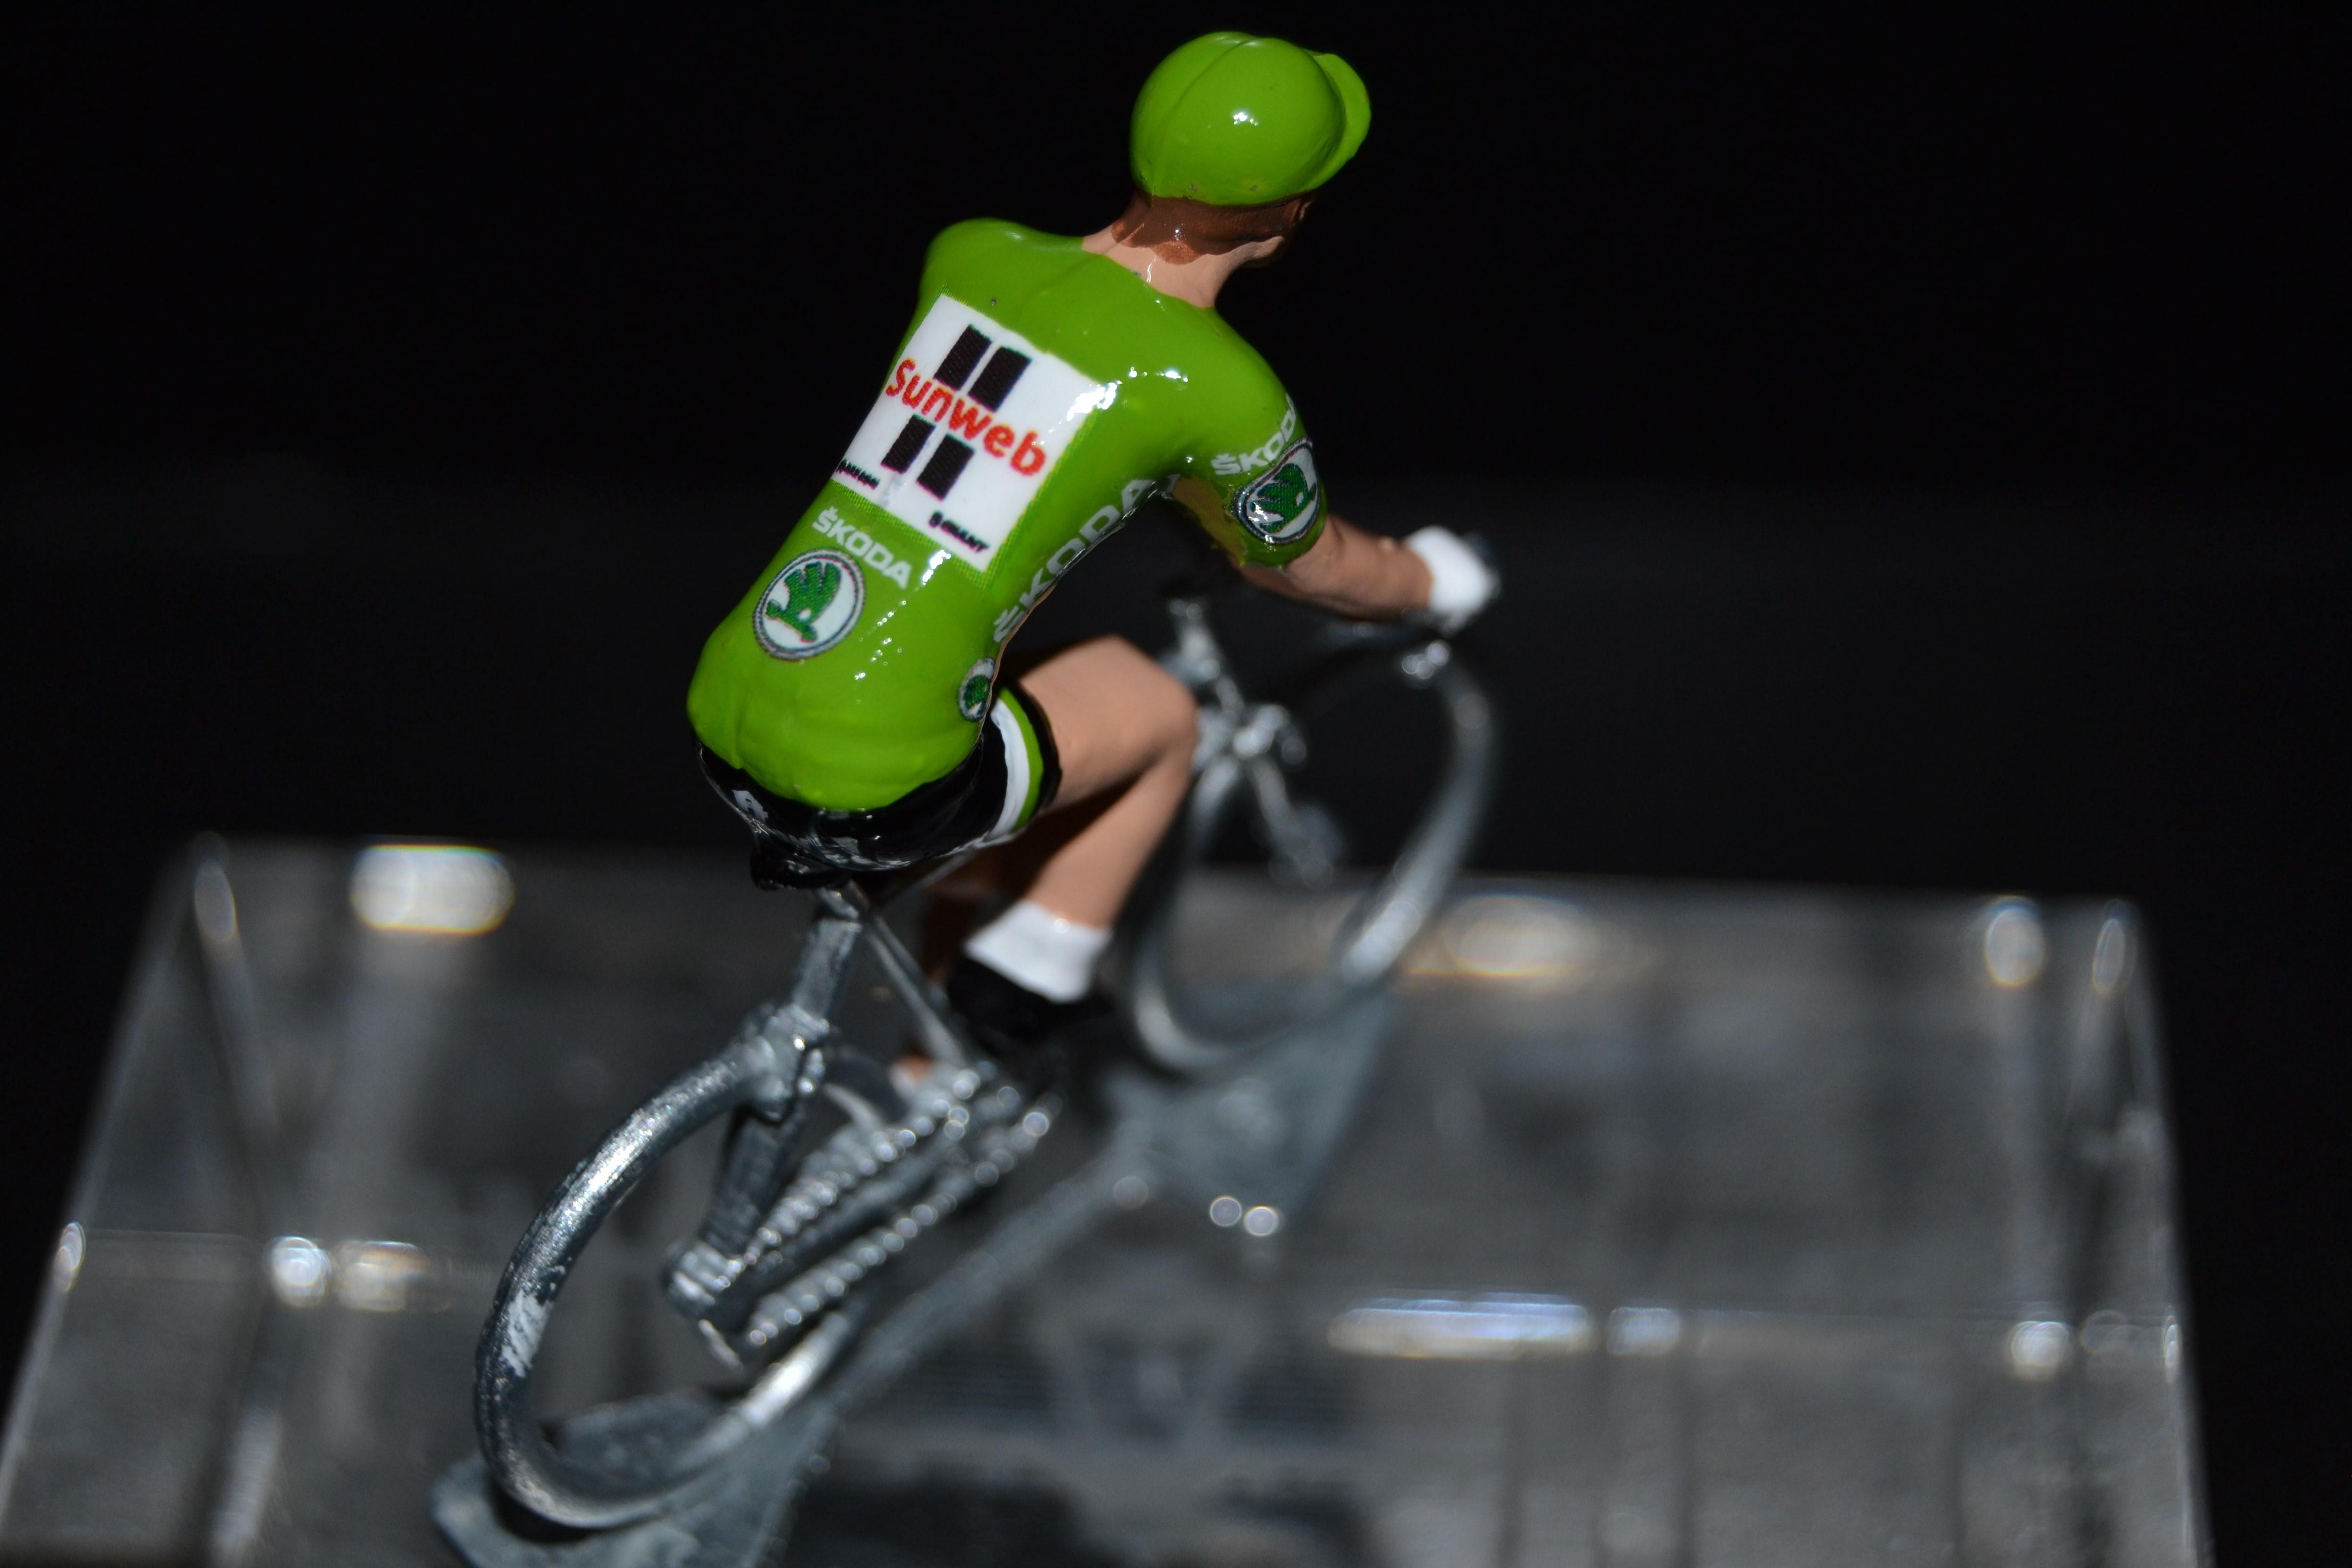 Petit cycliste Figurine Cycling figure Sunweb 2017